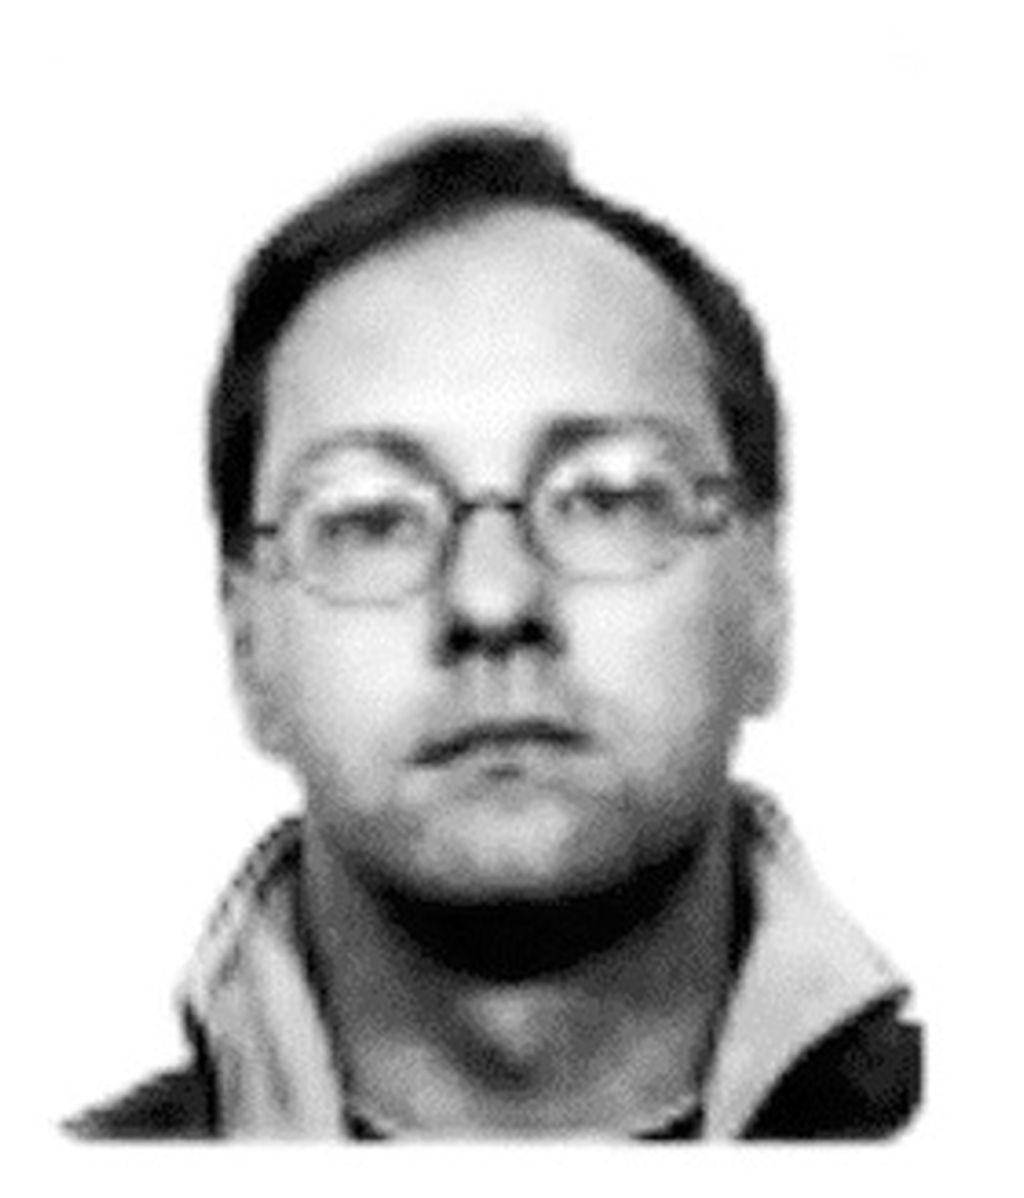 etarra en Alemania,etarra,Tomás Elgorriaga Kunze,ETA